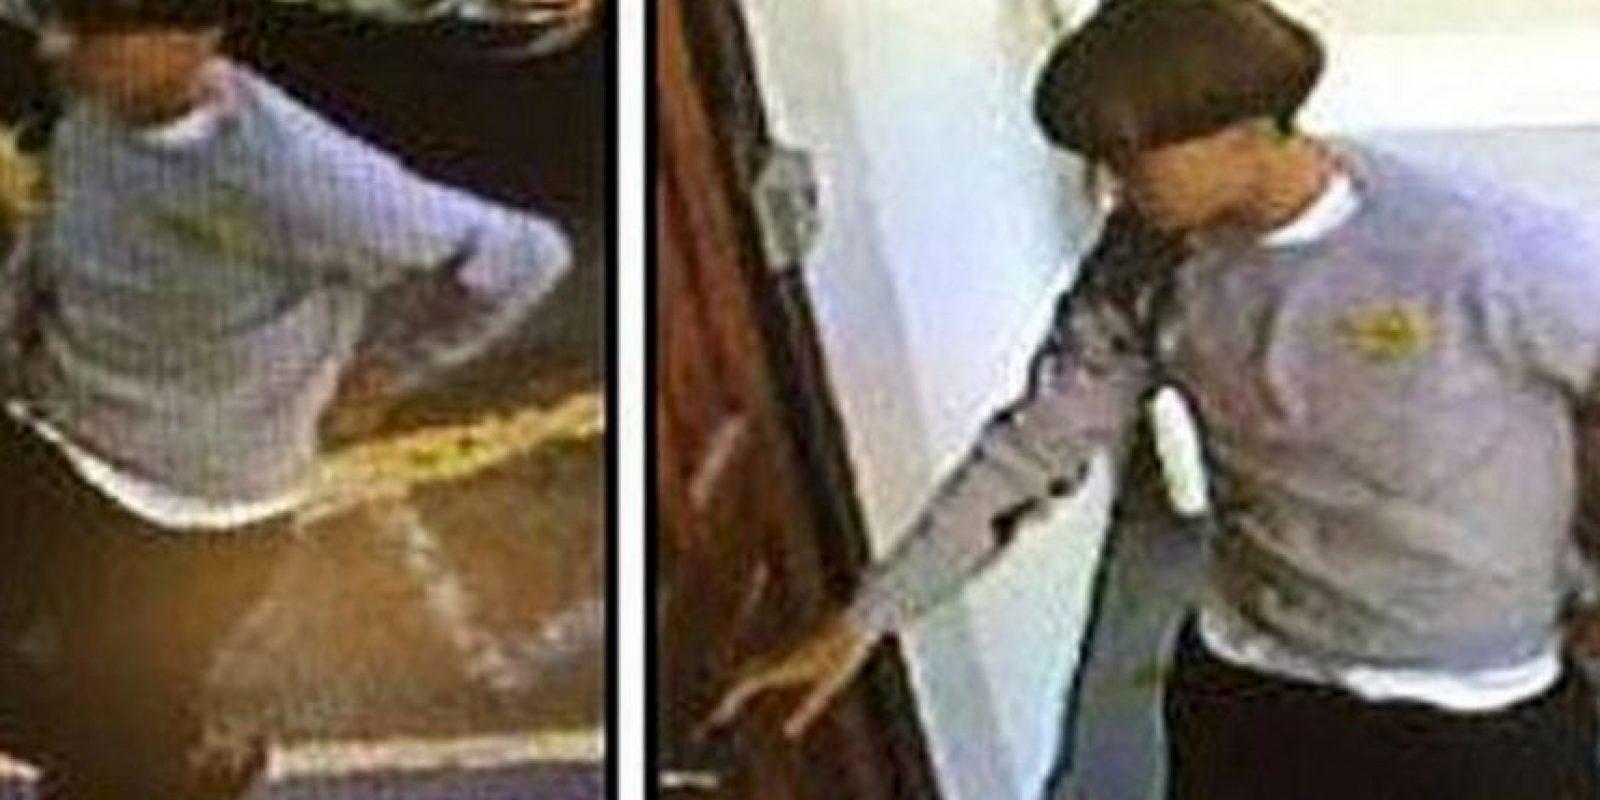 La policía difundió sus fotografías para encontrarlo más rápido. Foto:Policía Estados Unidos